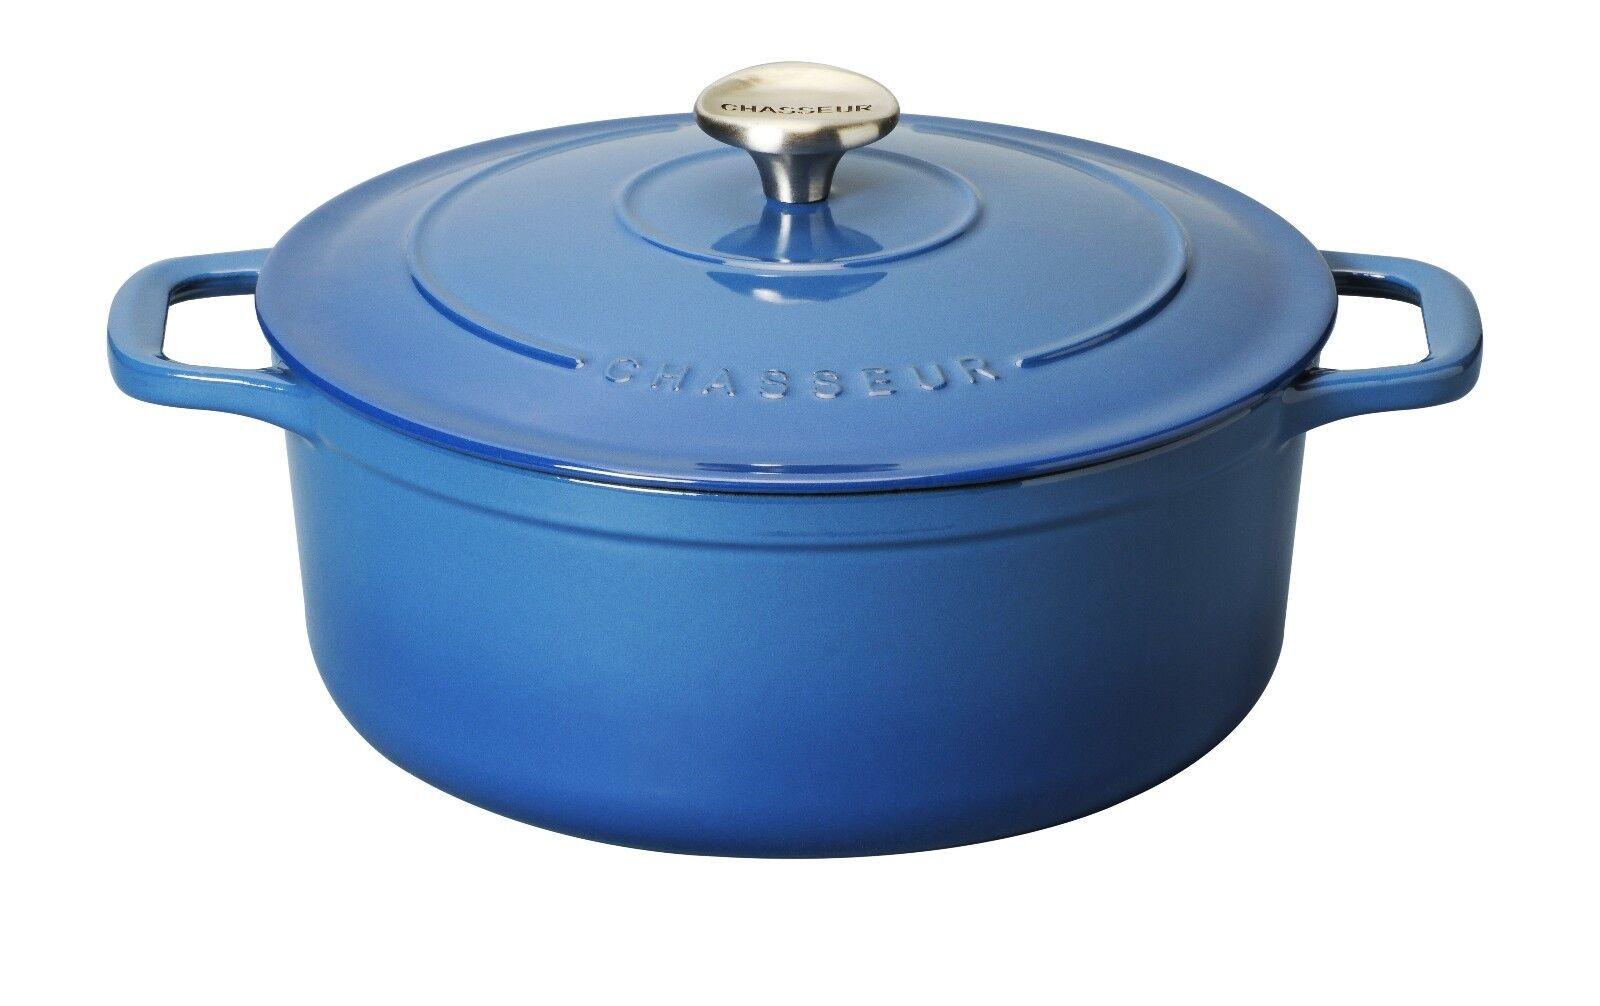 Cocotte chasseur Ronde Cuisson Plat à Four et plaque de cuisson Pan 24 CM 3.8 L Provence bleu